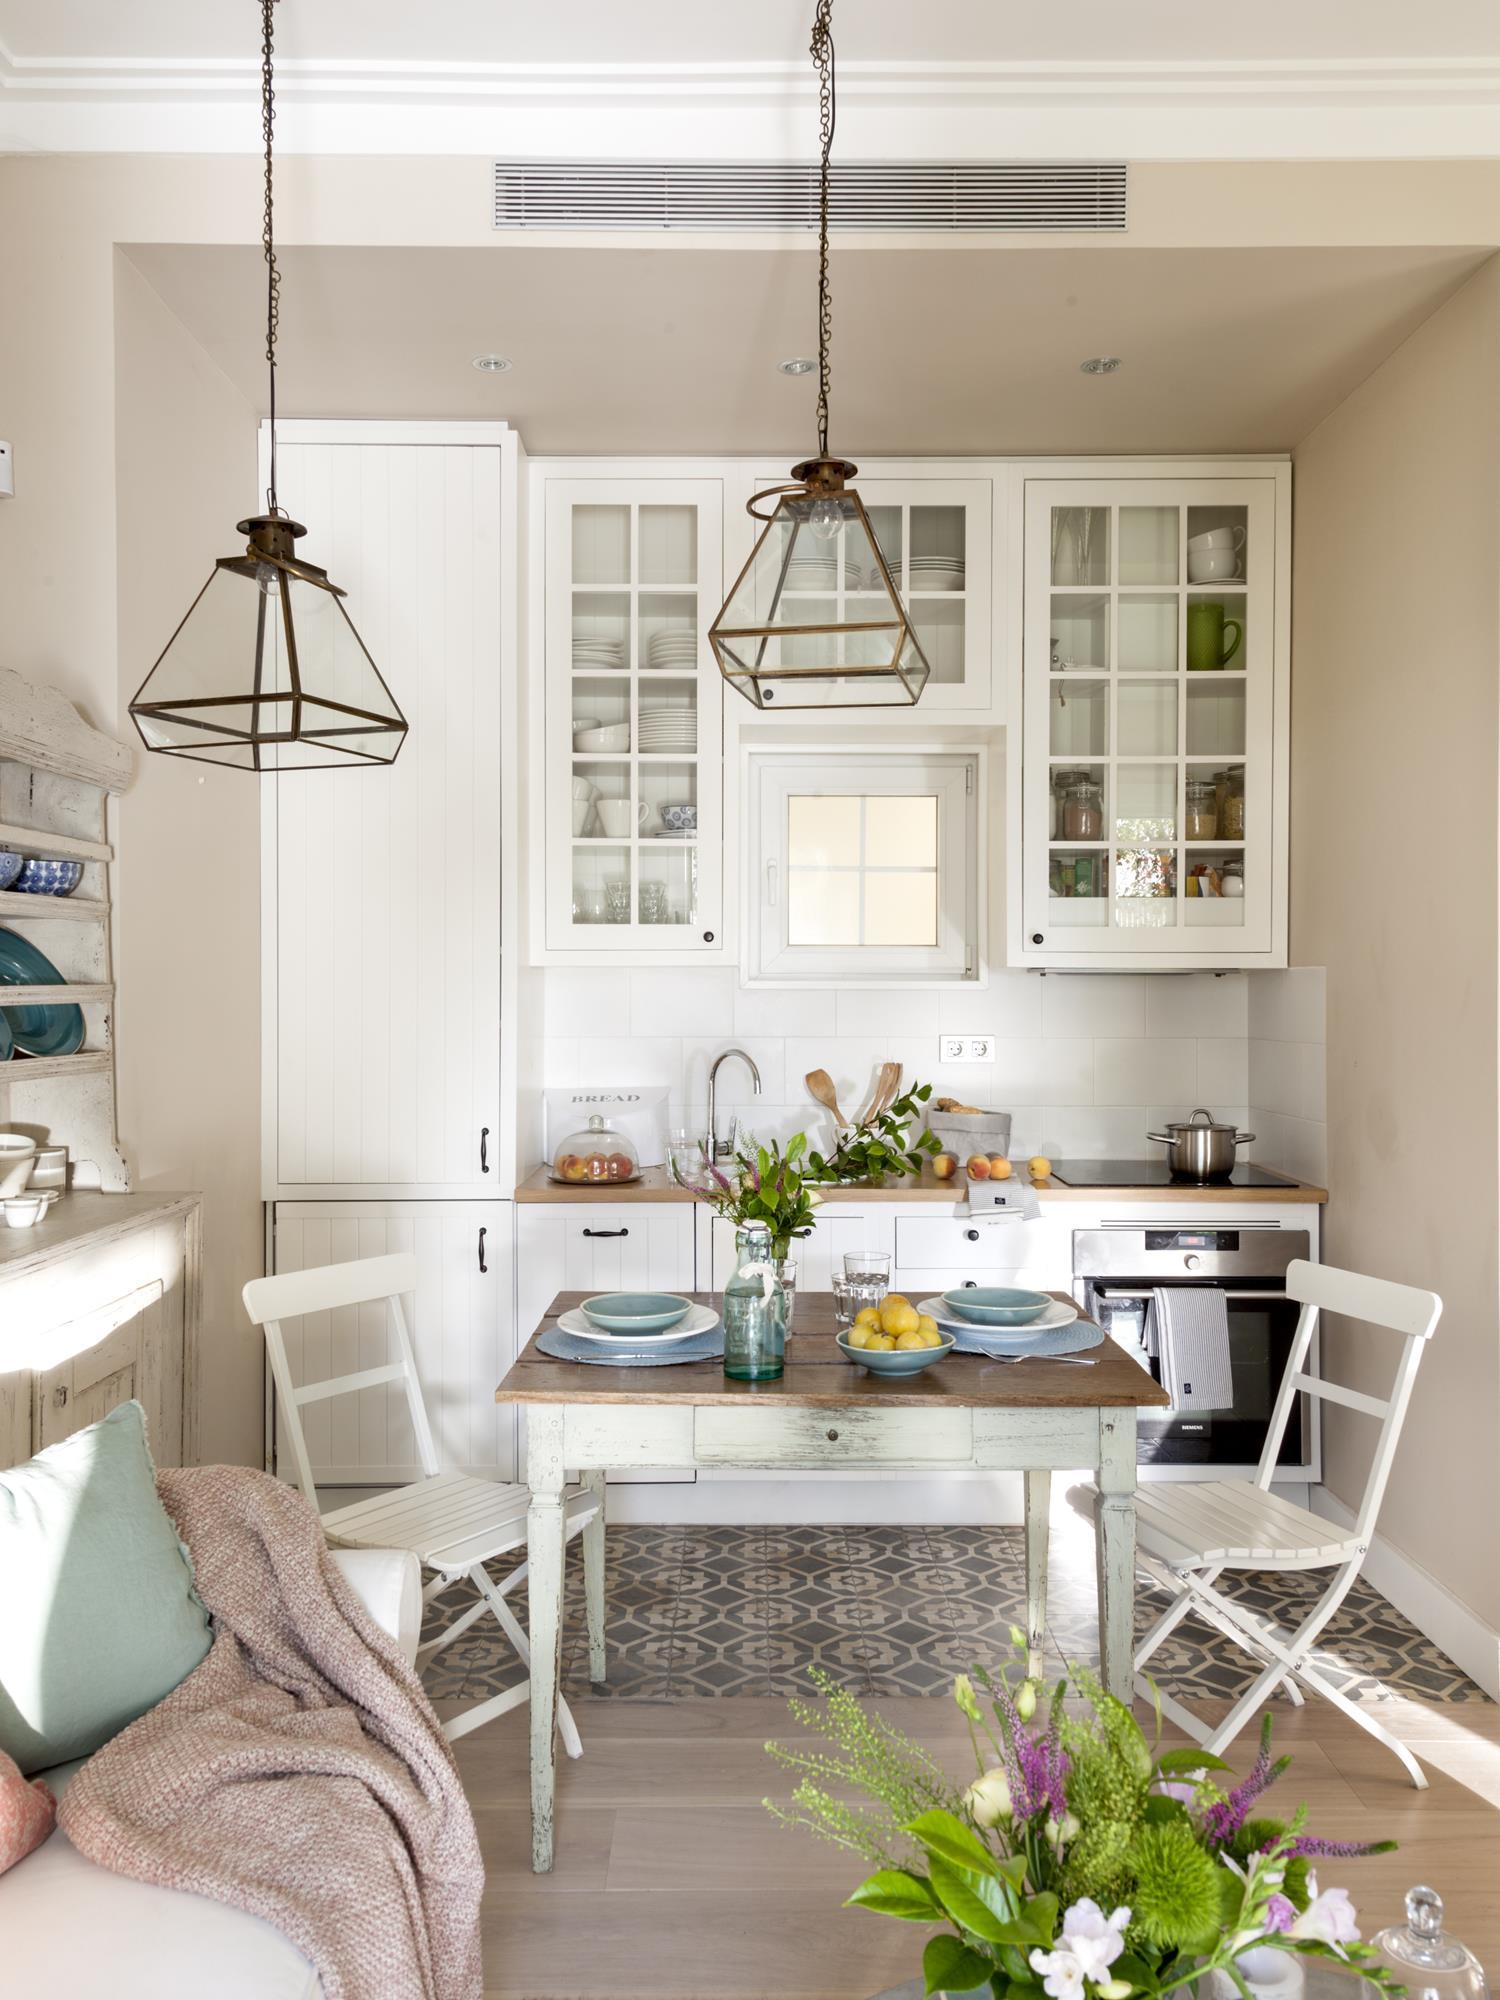 Cocinas Muebles Decoraci N Dise O Blancas O Peque As Elmueble ~ Soluciones Para Cocinas Muy Pequeñas